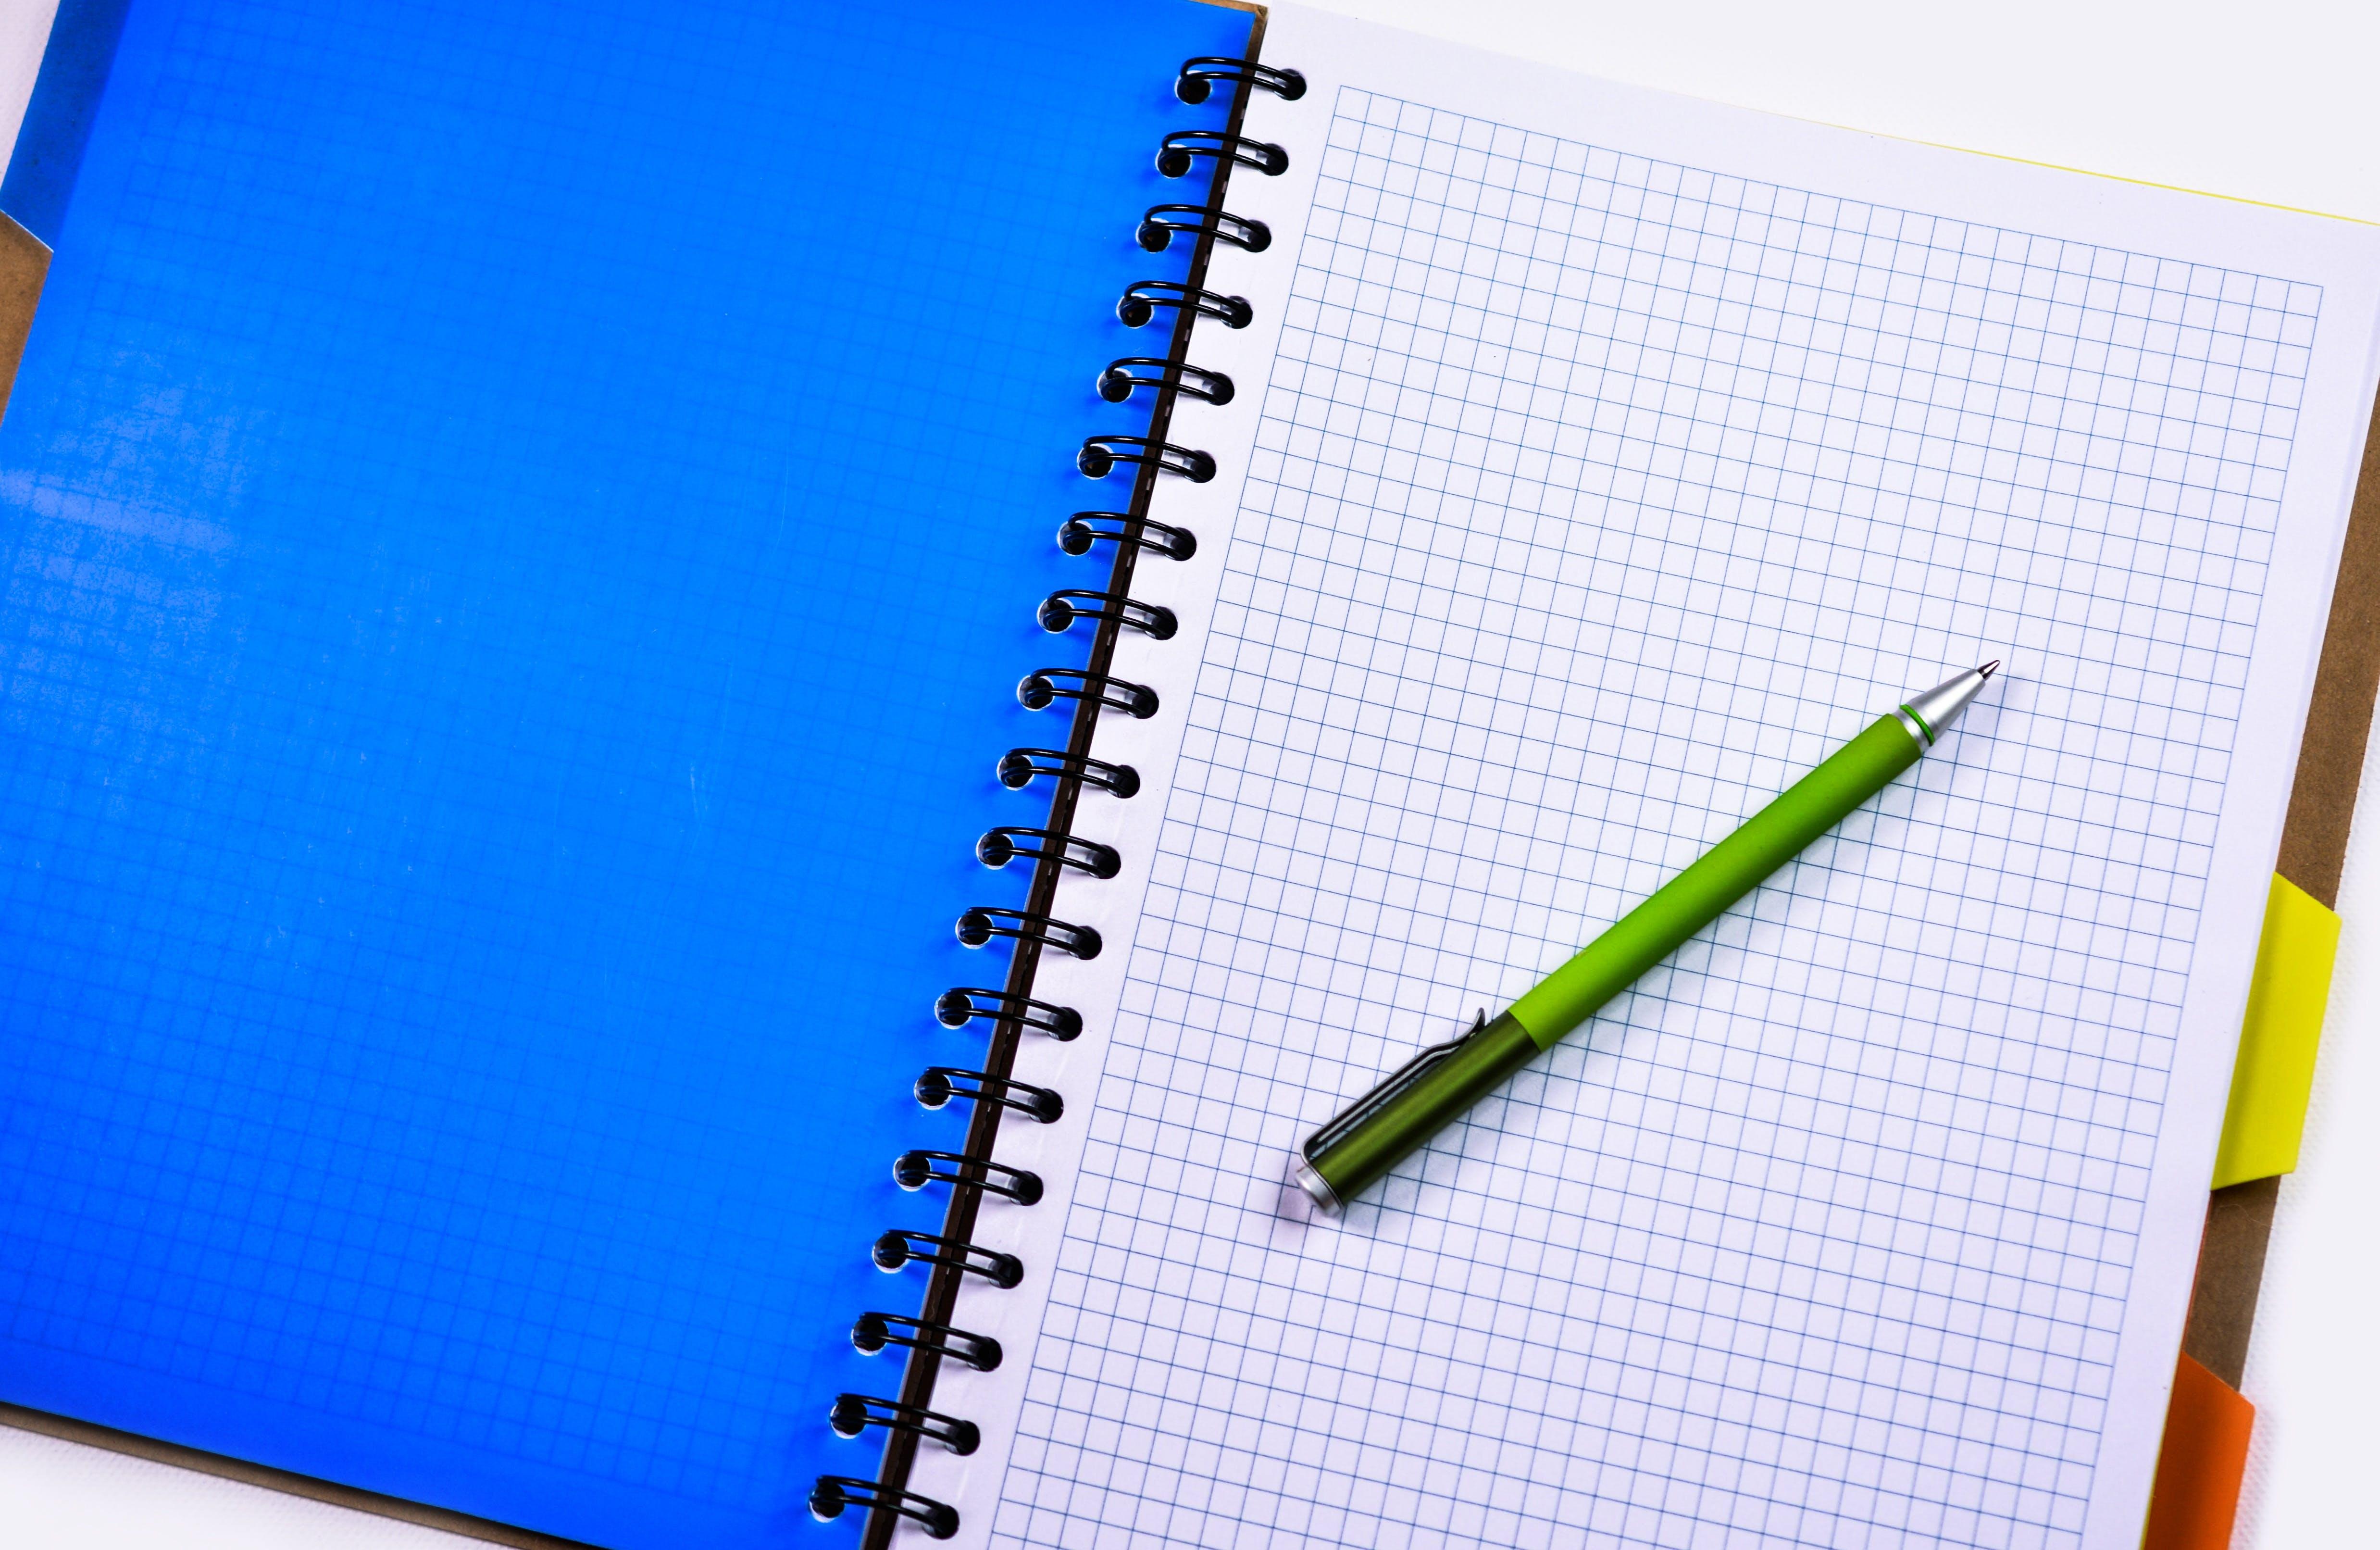 Gratis lagerfoto af kvadreret papir, notesbog, pen